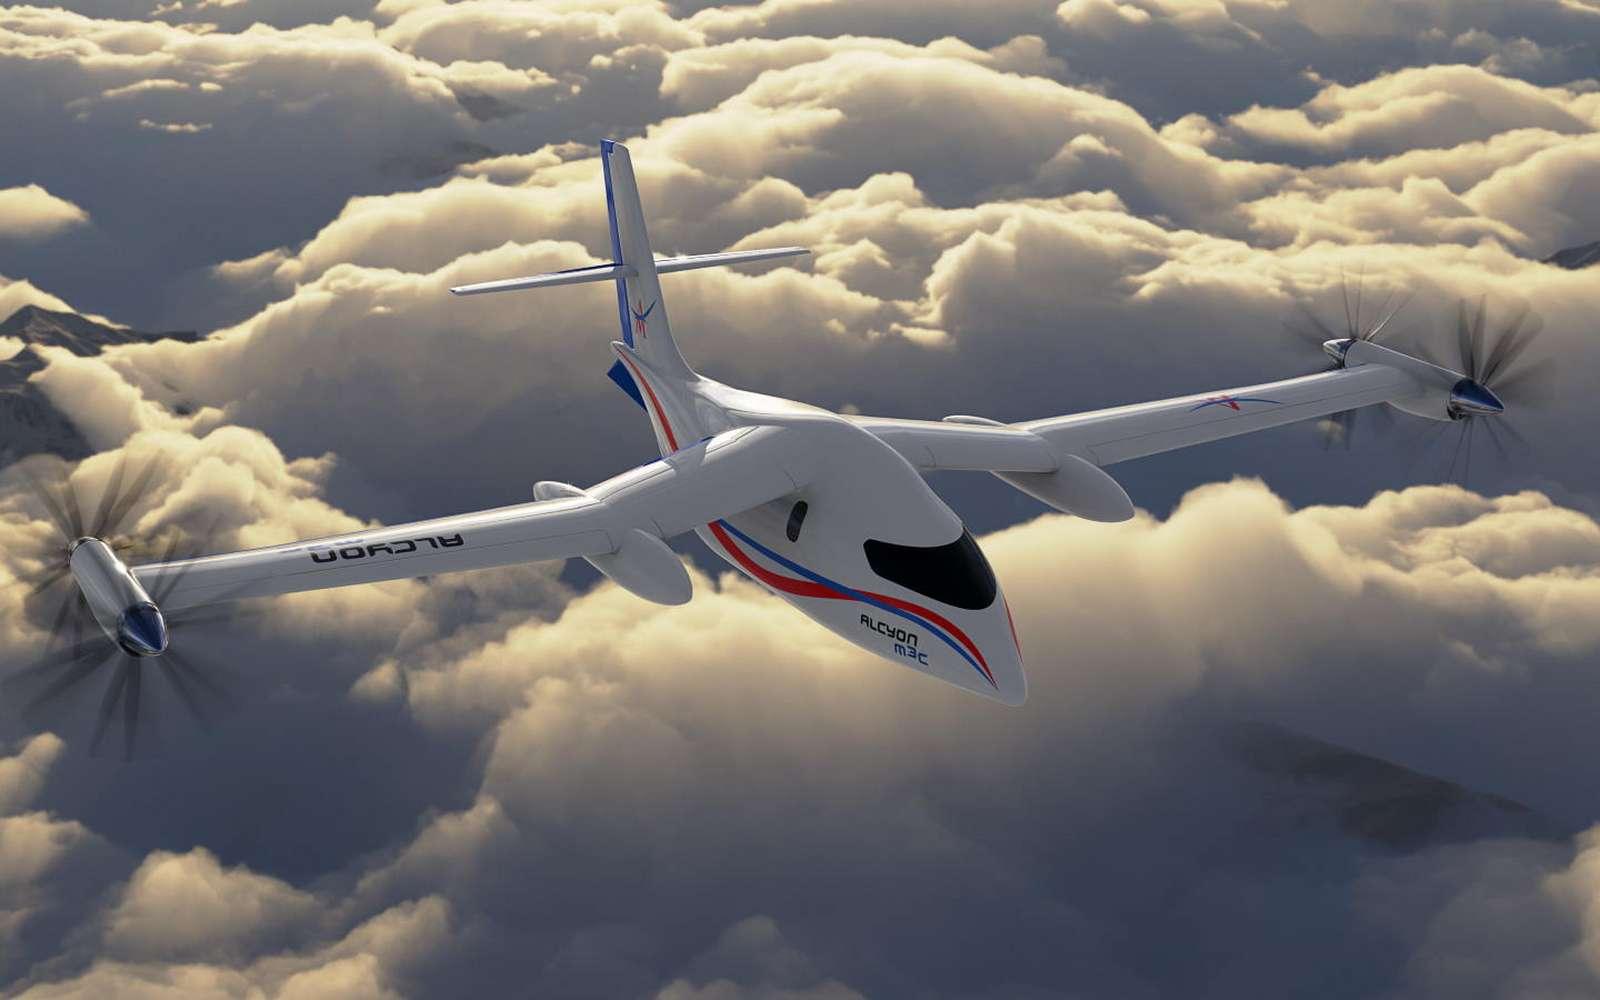 L'Alcyon M3c sera un avion régional doté d'une propulsion hybride à l'hydrogène. © Avions Mauboussin